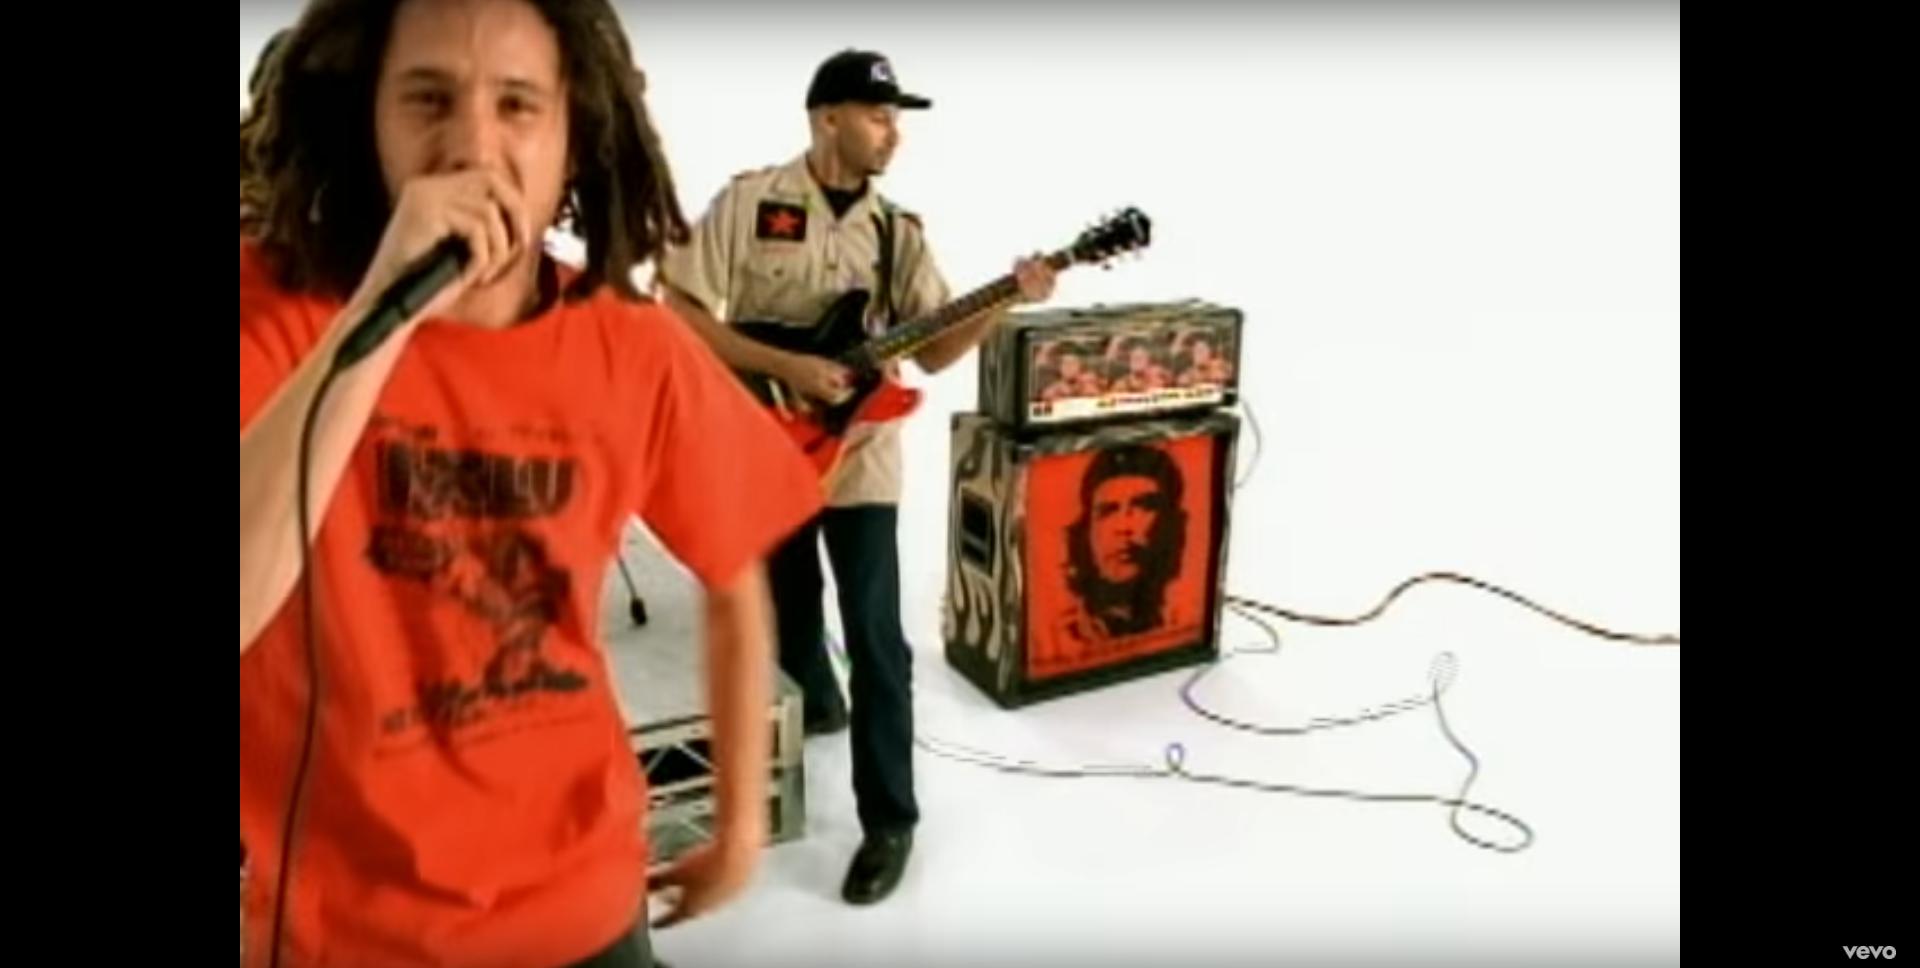 レイジ・アゲインスト・ザ・マシーン、RATM、Guerrilla Radio